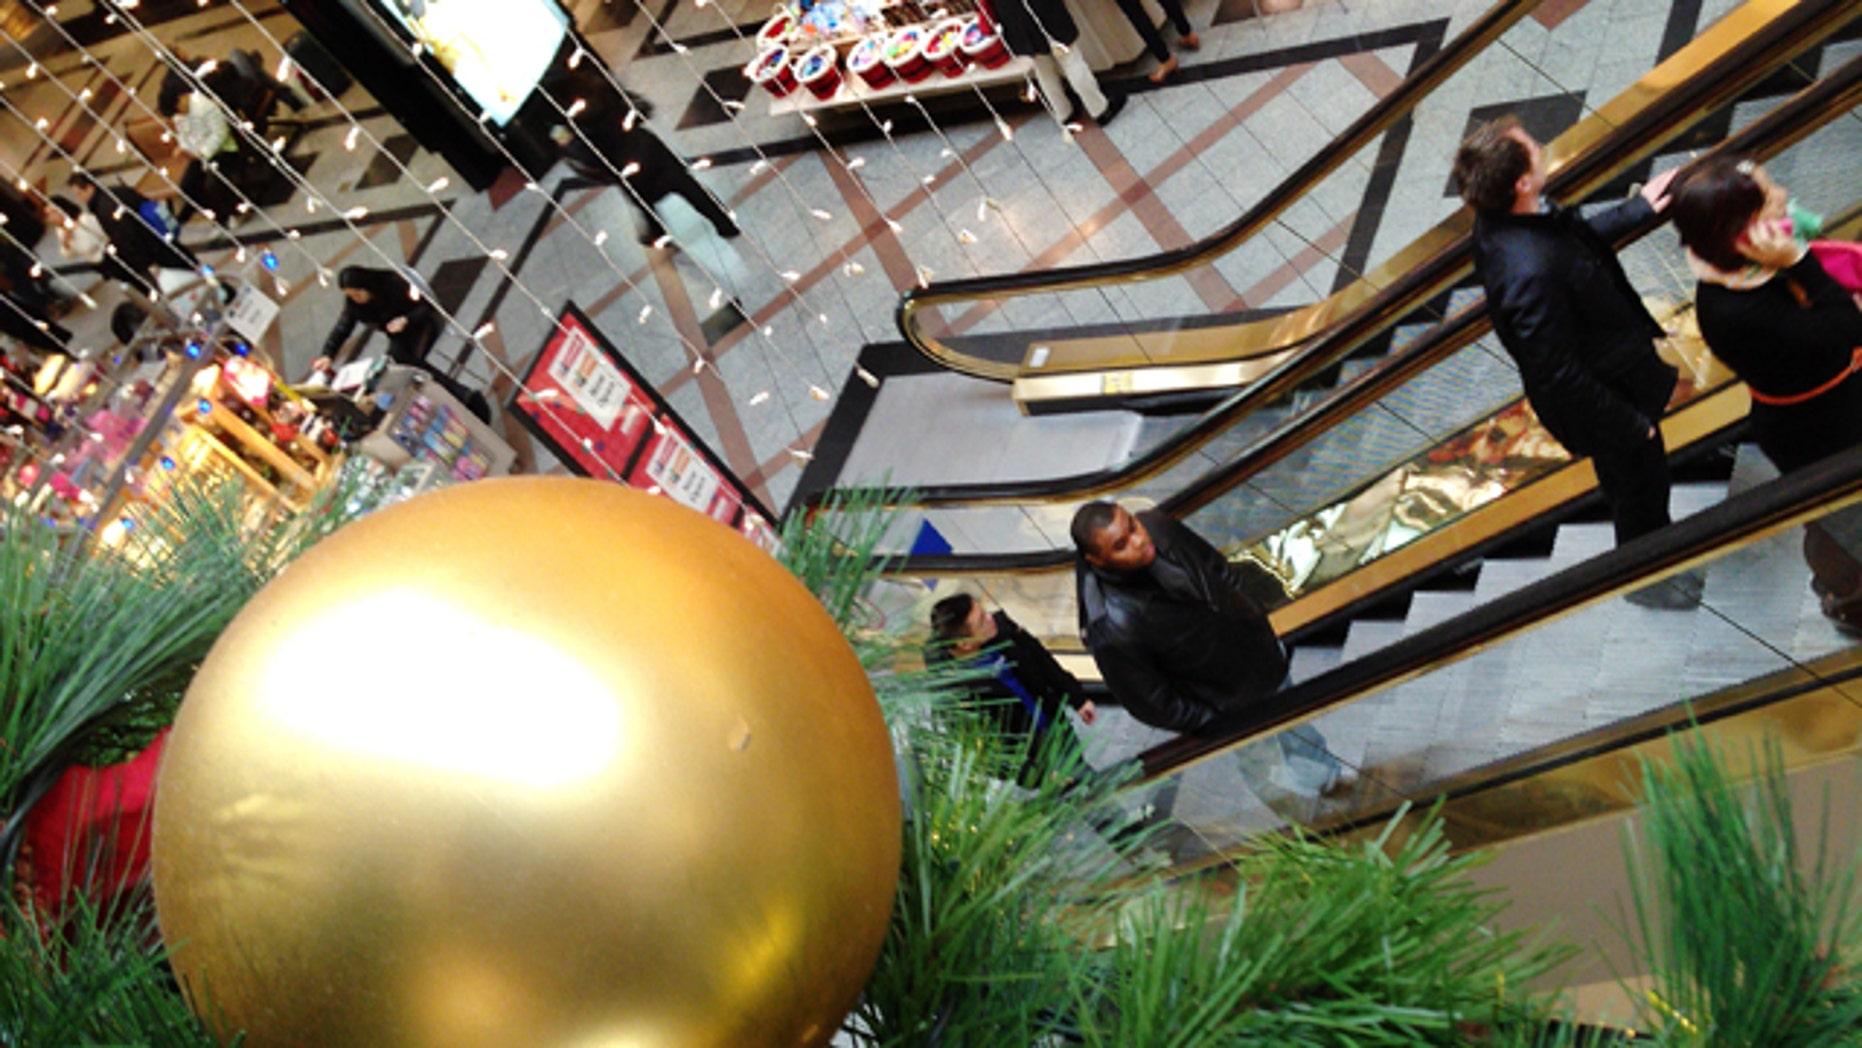 Nov. 26, 2013: Shoppers move through a mall in Cambridge, Mass.